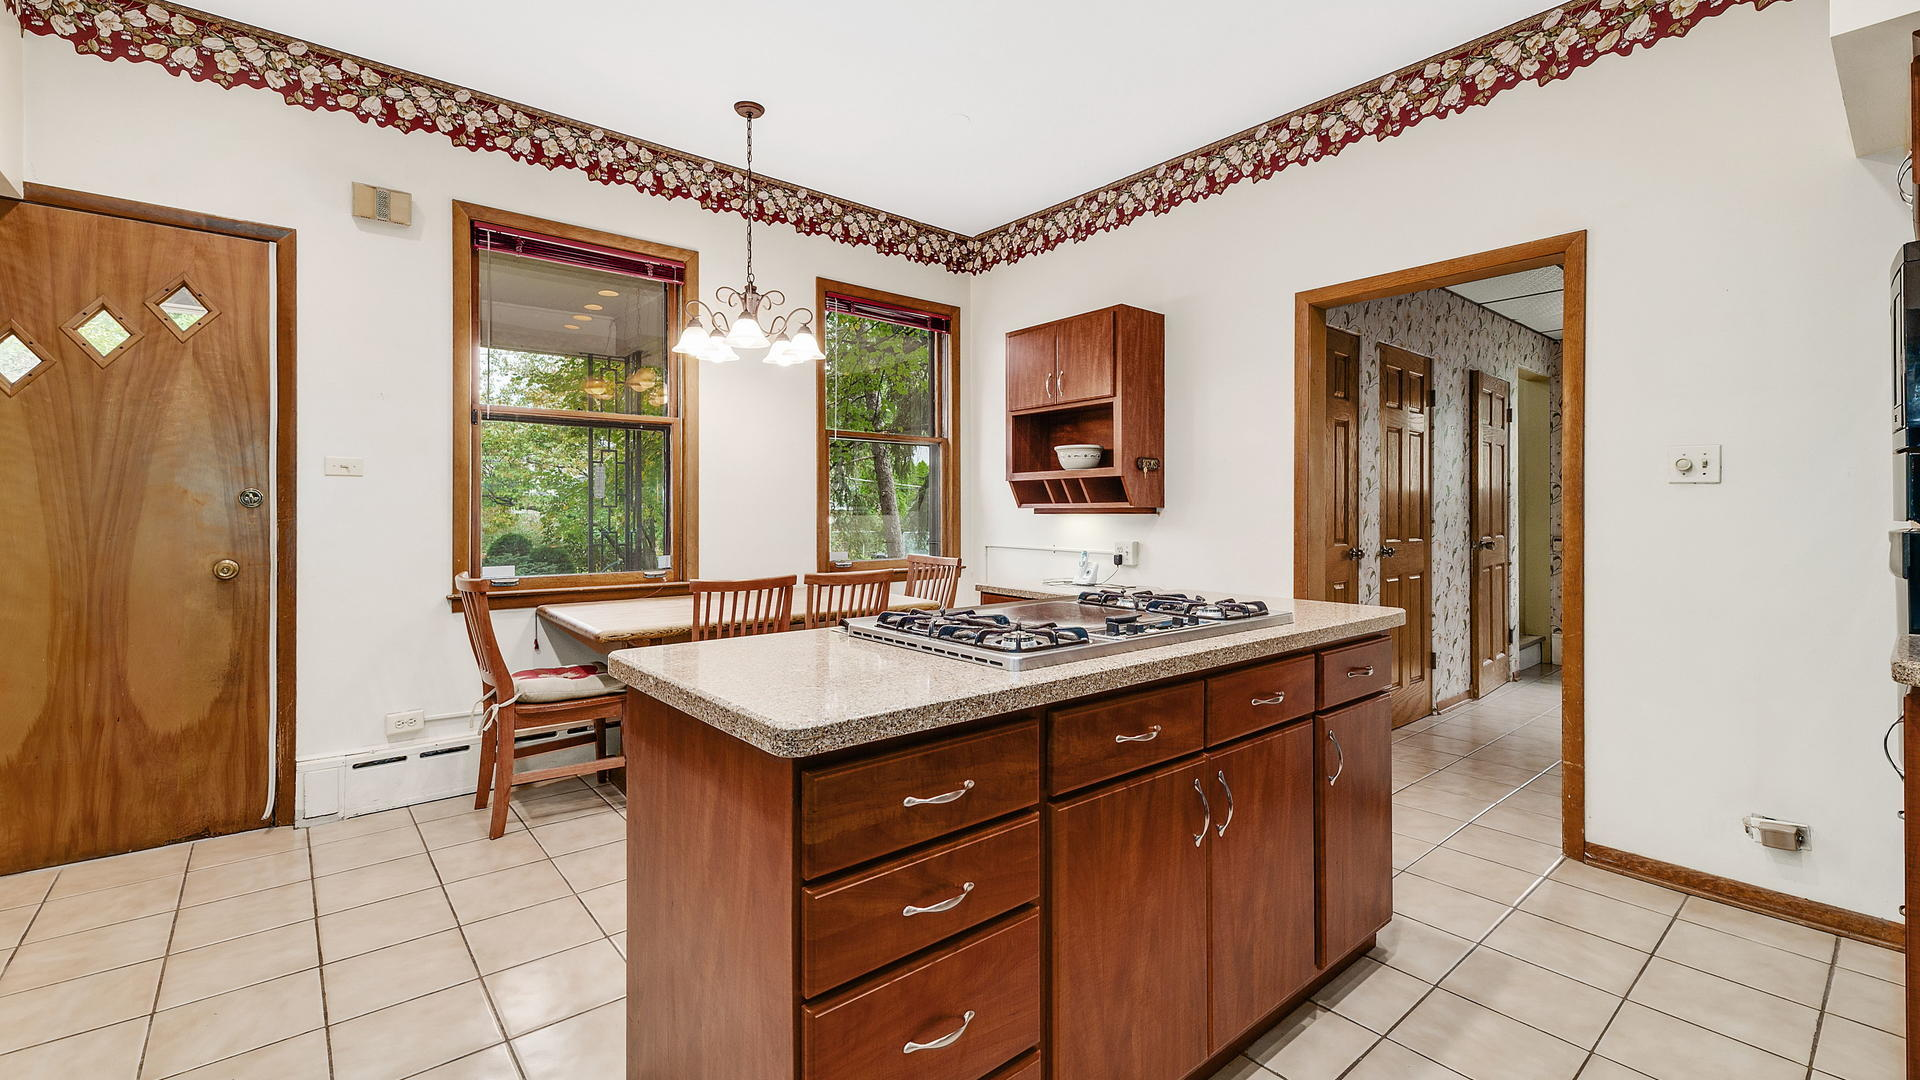 344 South La Grange, La Grange, Illinois, 60525